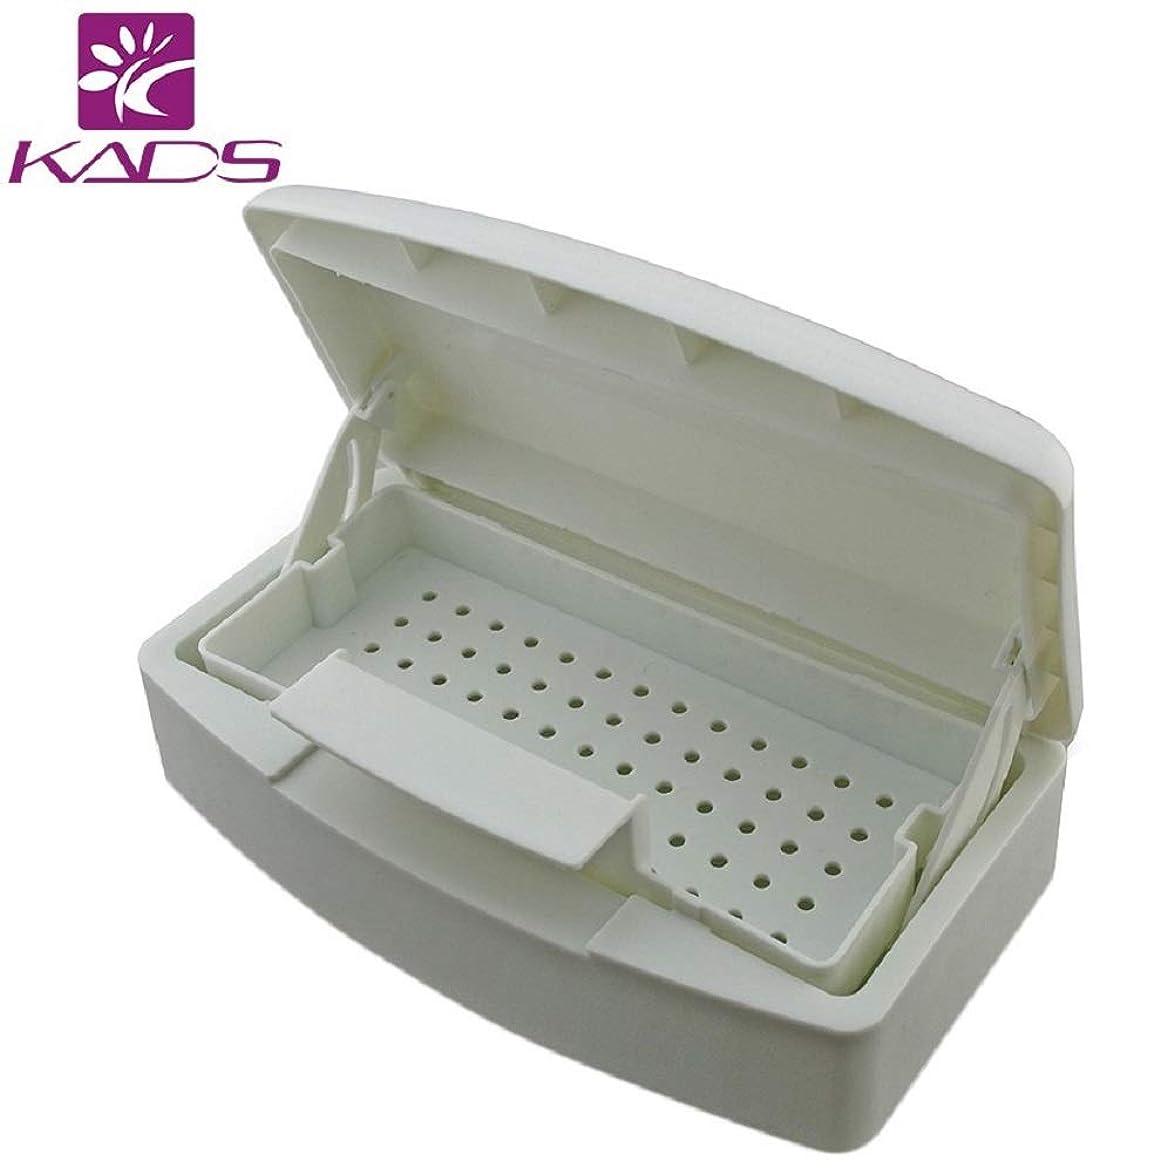 イタリアの愛撫喉頭KADSネイルアートツールアルコール滅菌ボックス マニキュアツール消毒用容器 ネイルツール滅菌トレイ 滅菌ボックス